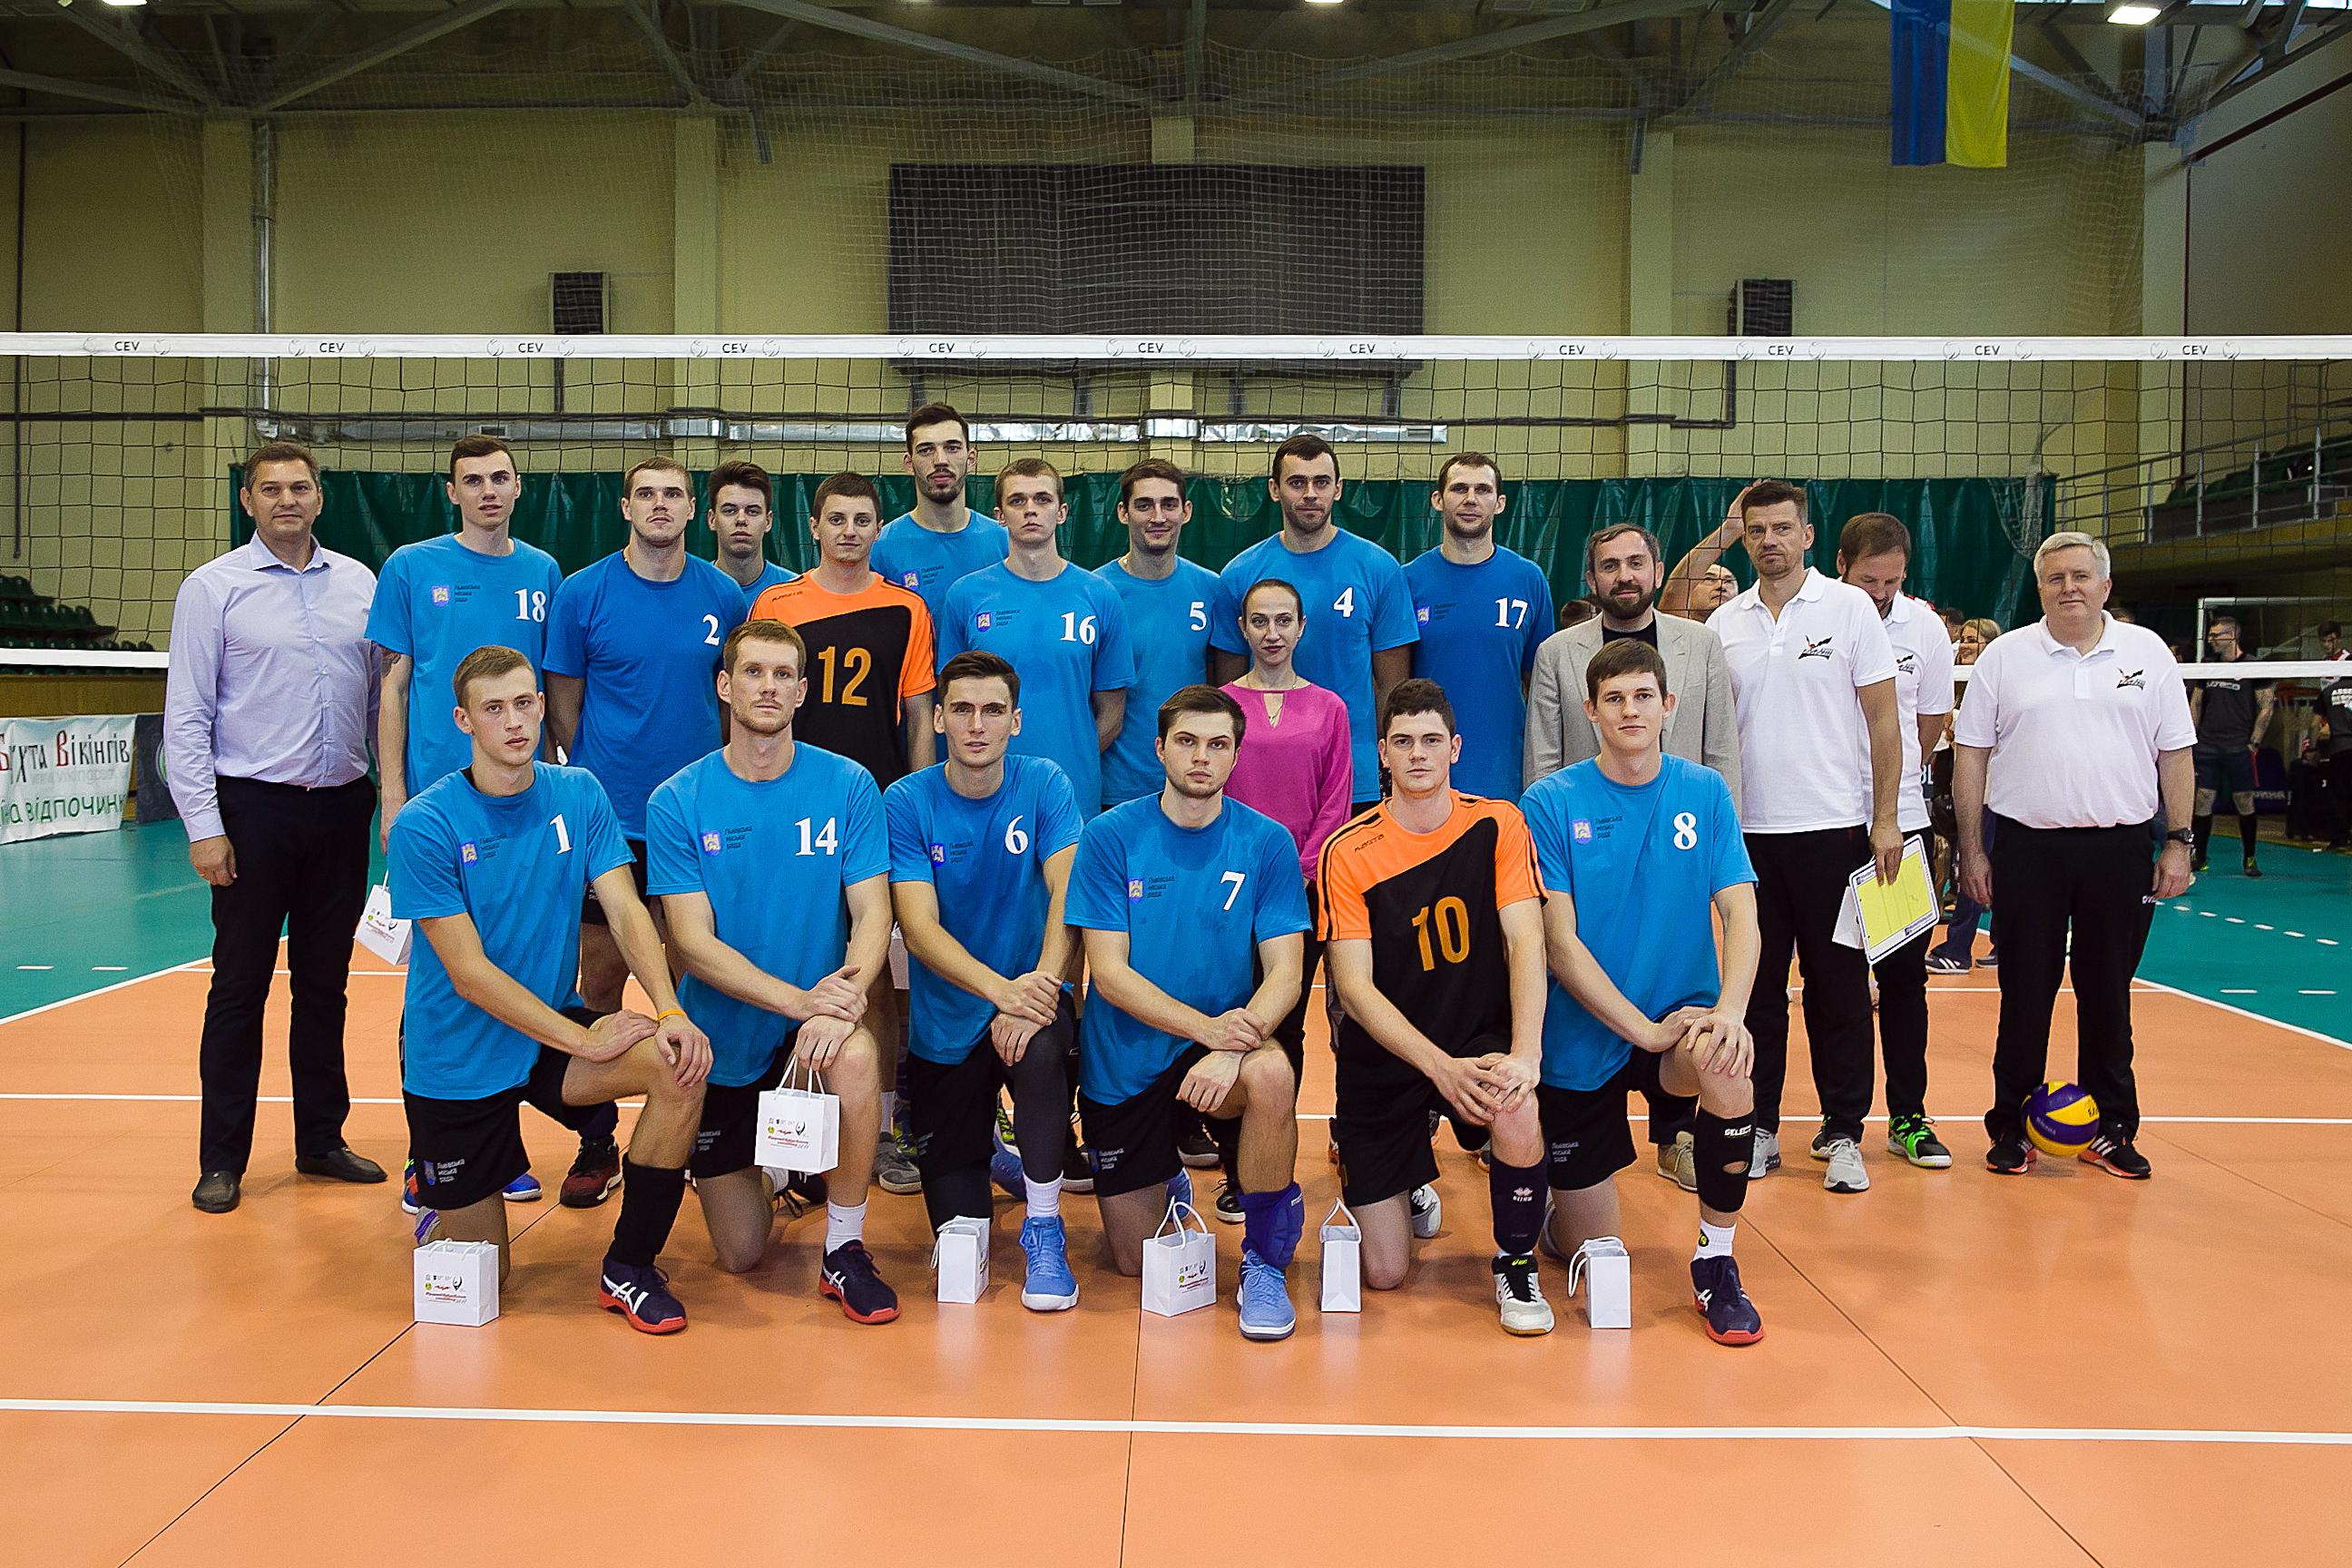 Відкритий Кубок Львова з волейболу 2018. ФОТОЗВІТ - 188